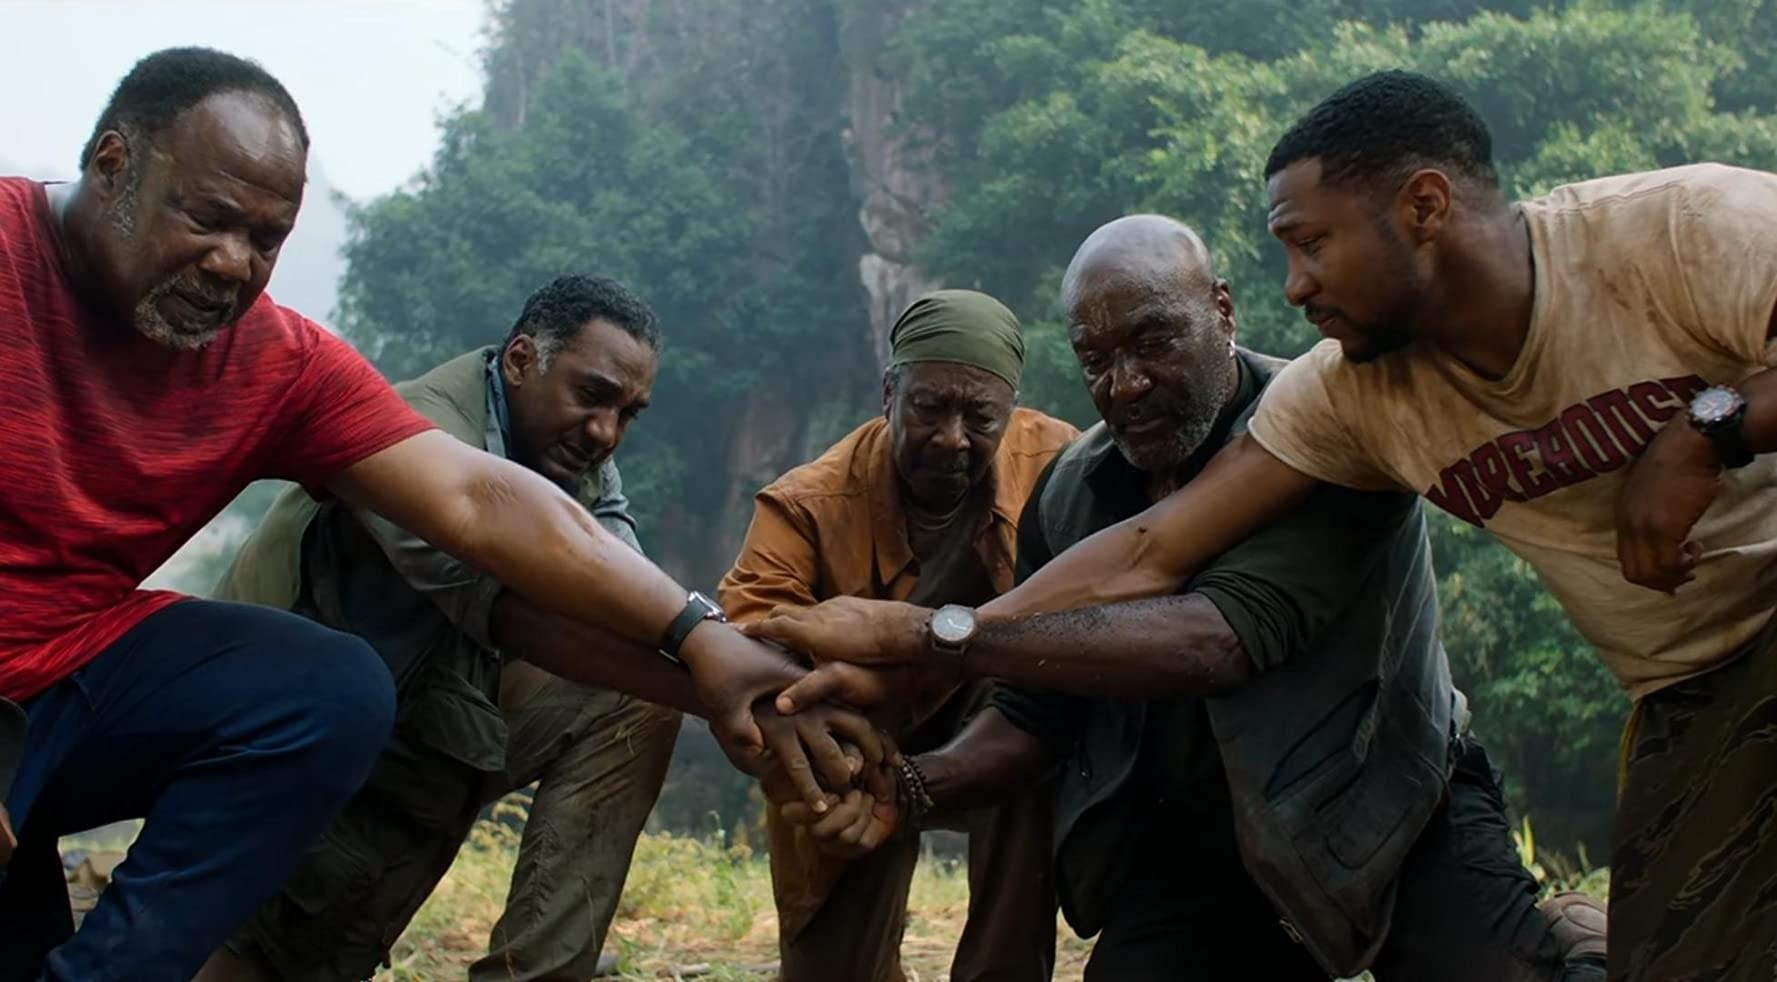 """فيلم """"إخوة الدم الخمسة"""" يسترجع الإساءات للأميركيين الأفارقة"""